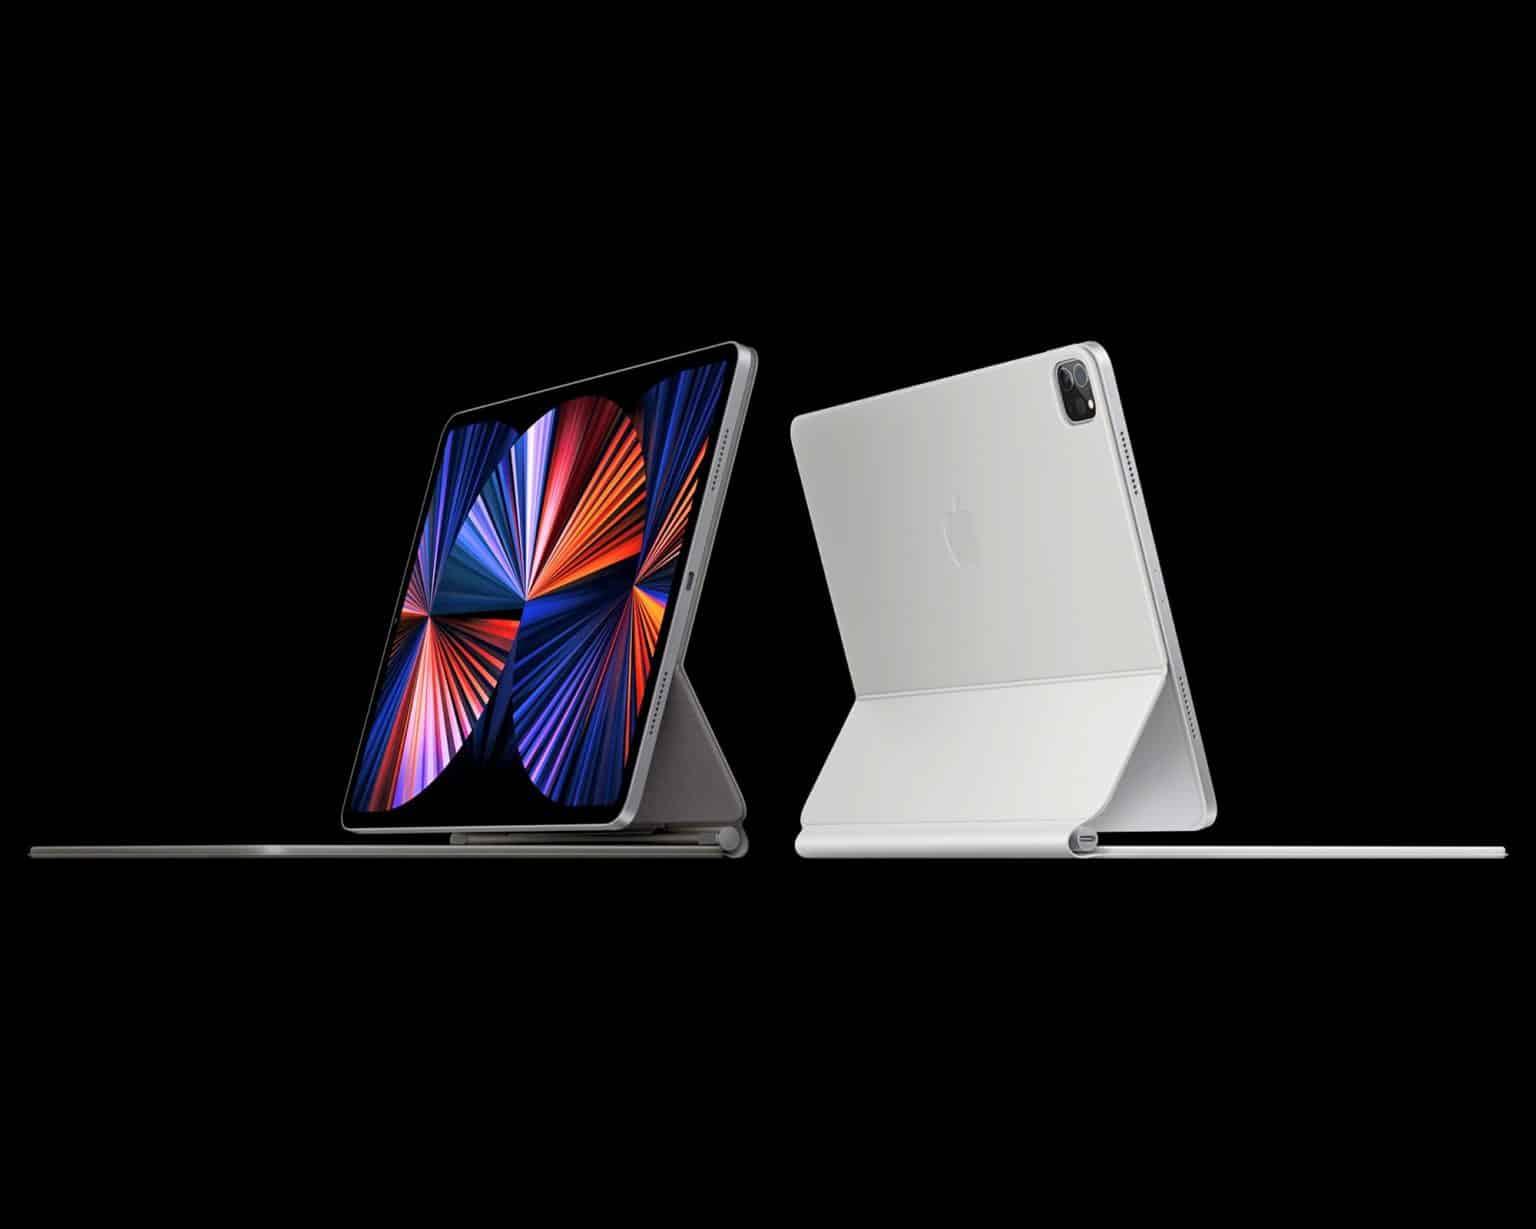 iPad Pro 2021 özellikleri ve Türkiye fiyatları - Teknoblog